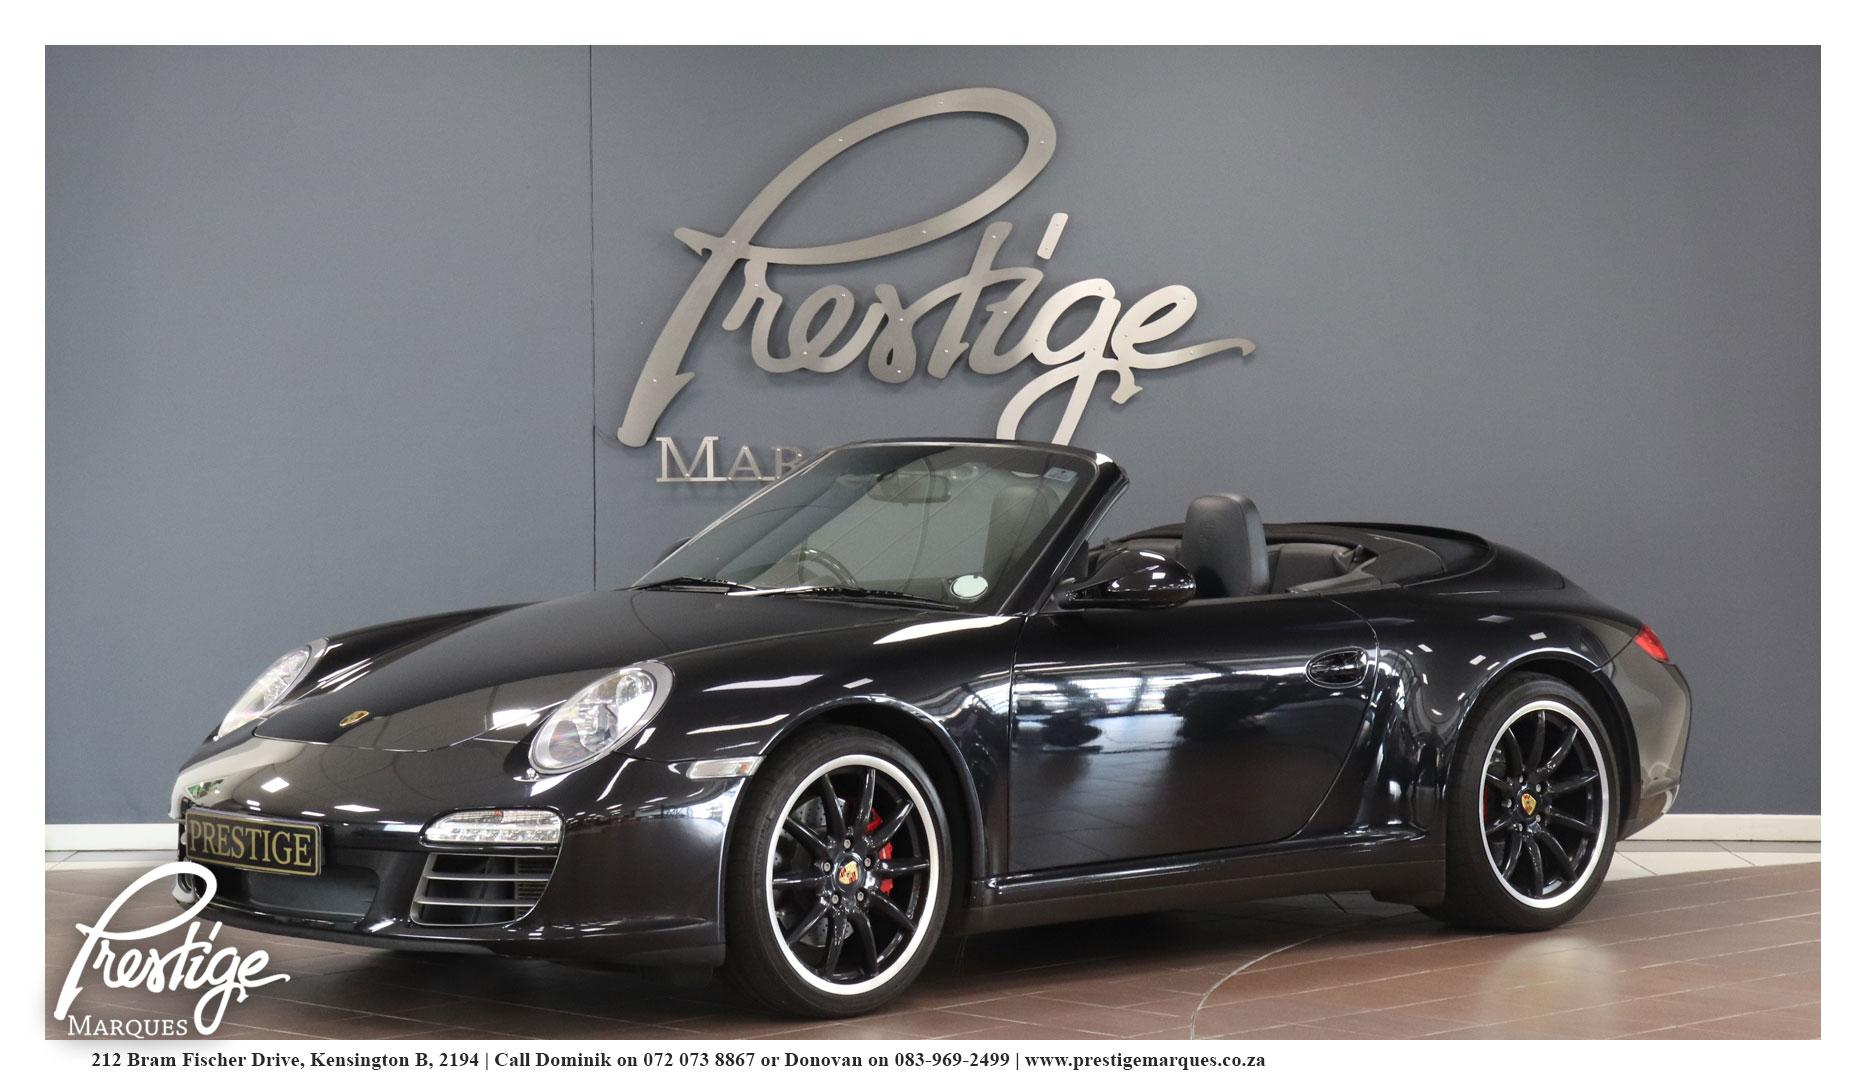 2009-Porsche-911- (997.2)-Carrera-4s-PDK Cabriolet-Prestige-Marques-Randburg-Sandton-13